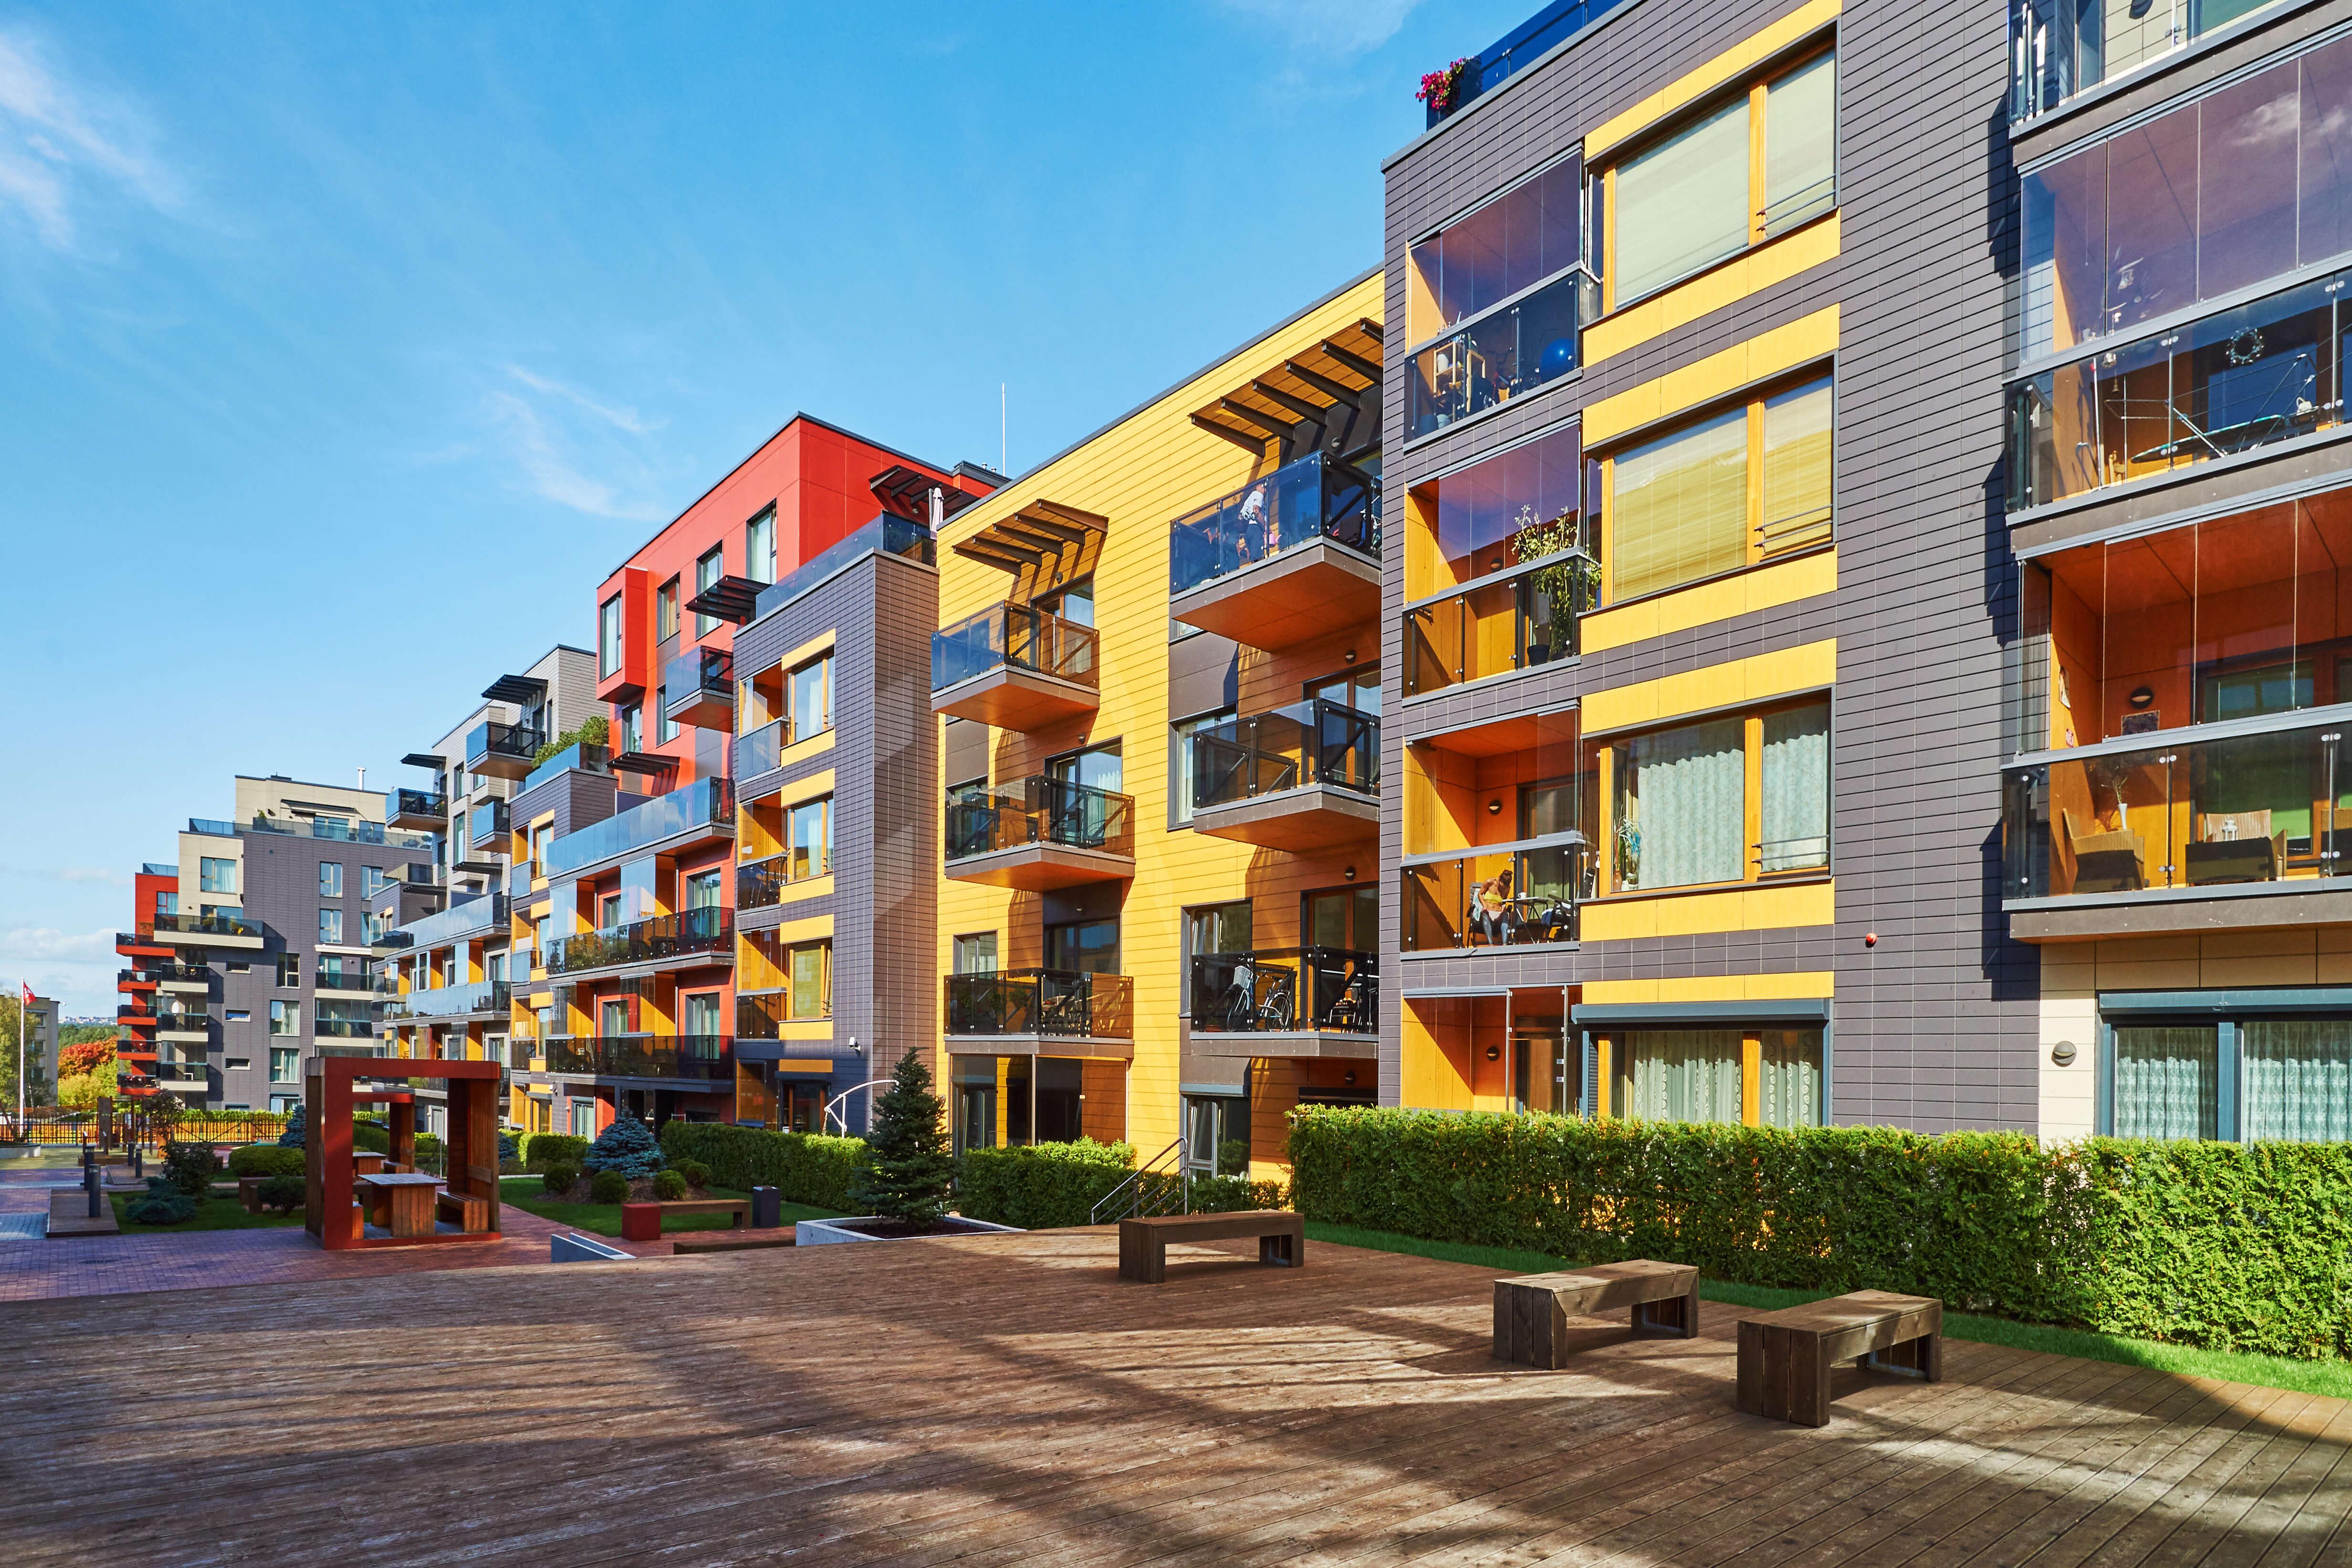 Balatoni és budapesti elegáns házak